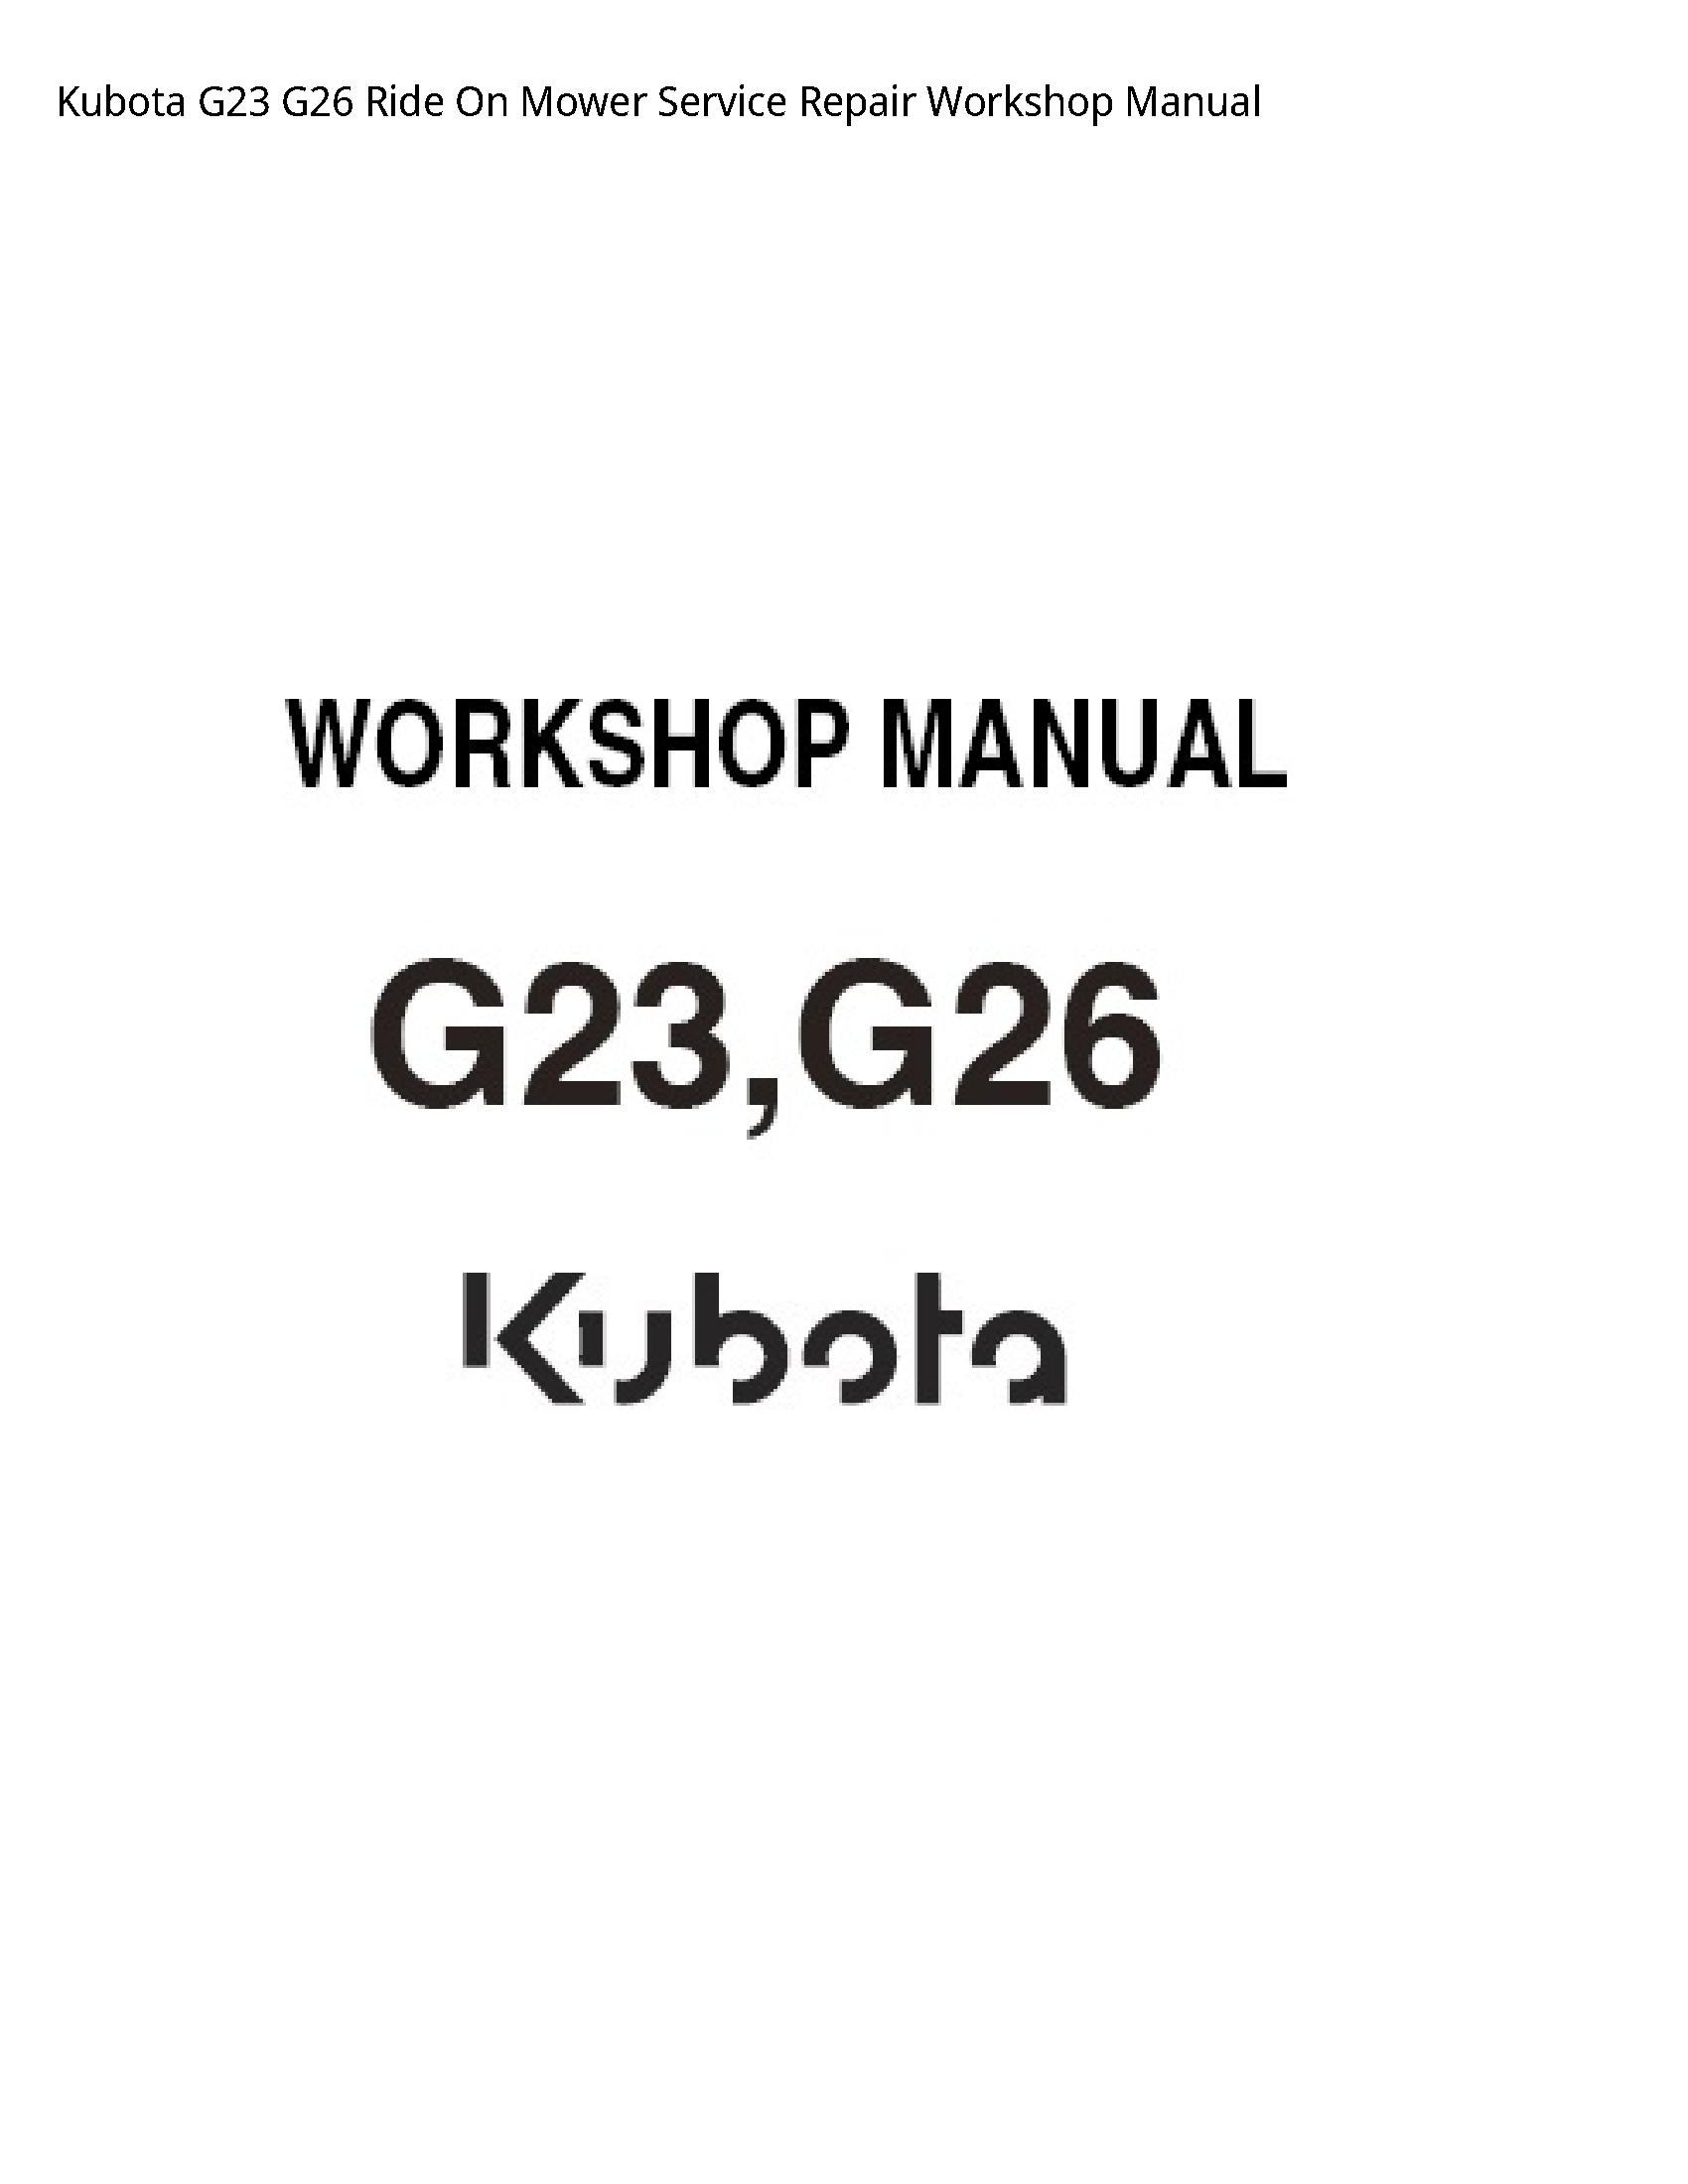 Kubota G23 Ride On Mower manual